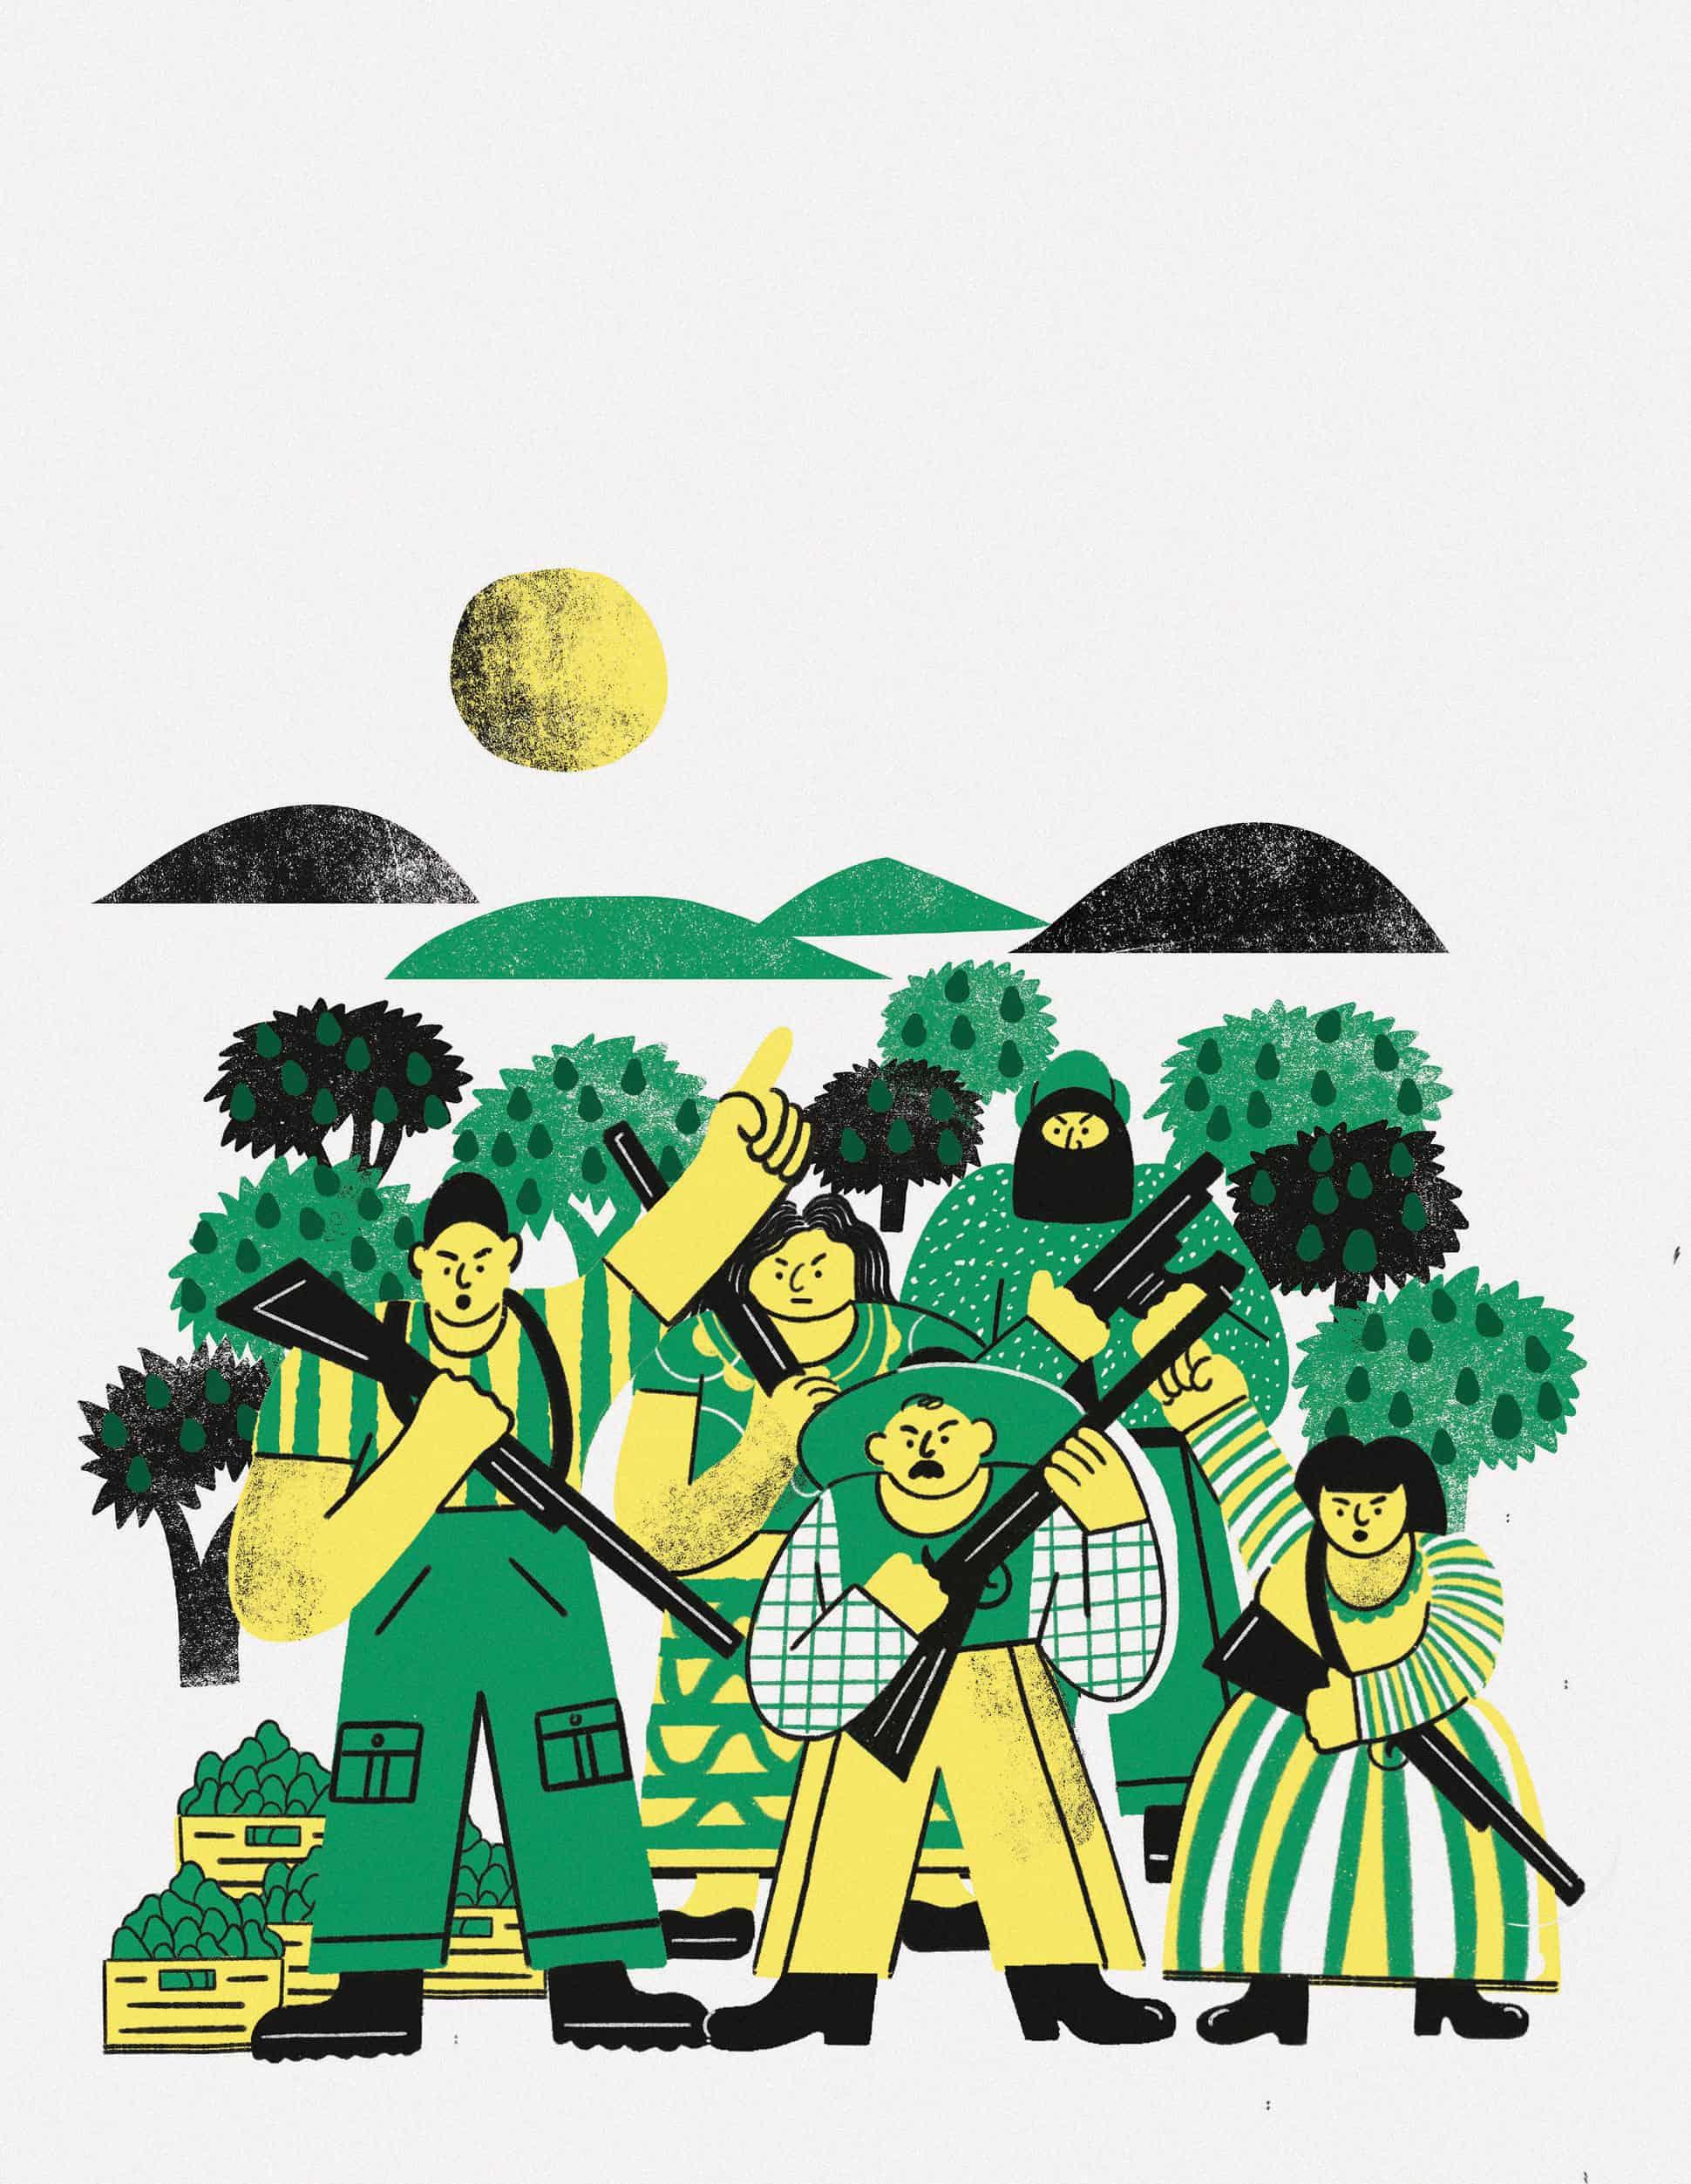 aguacate mexico Ilustración de Manuel Vargas gatopardo